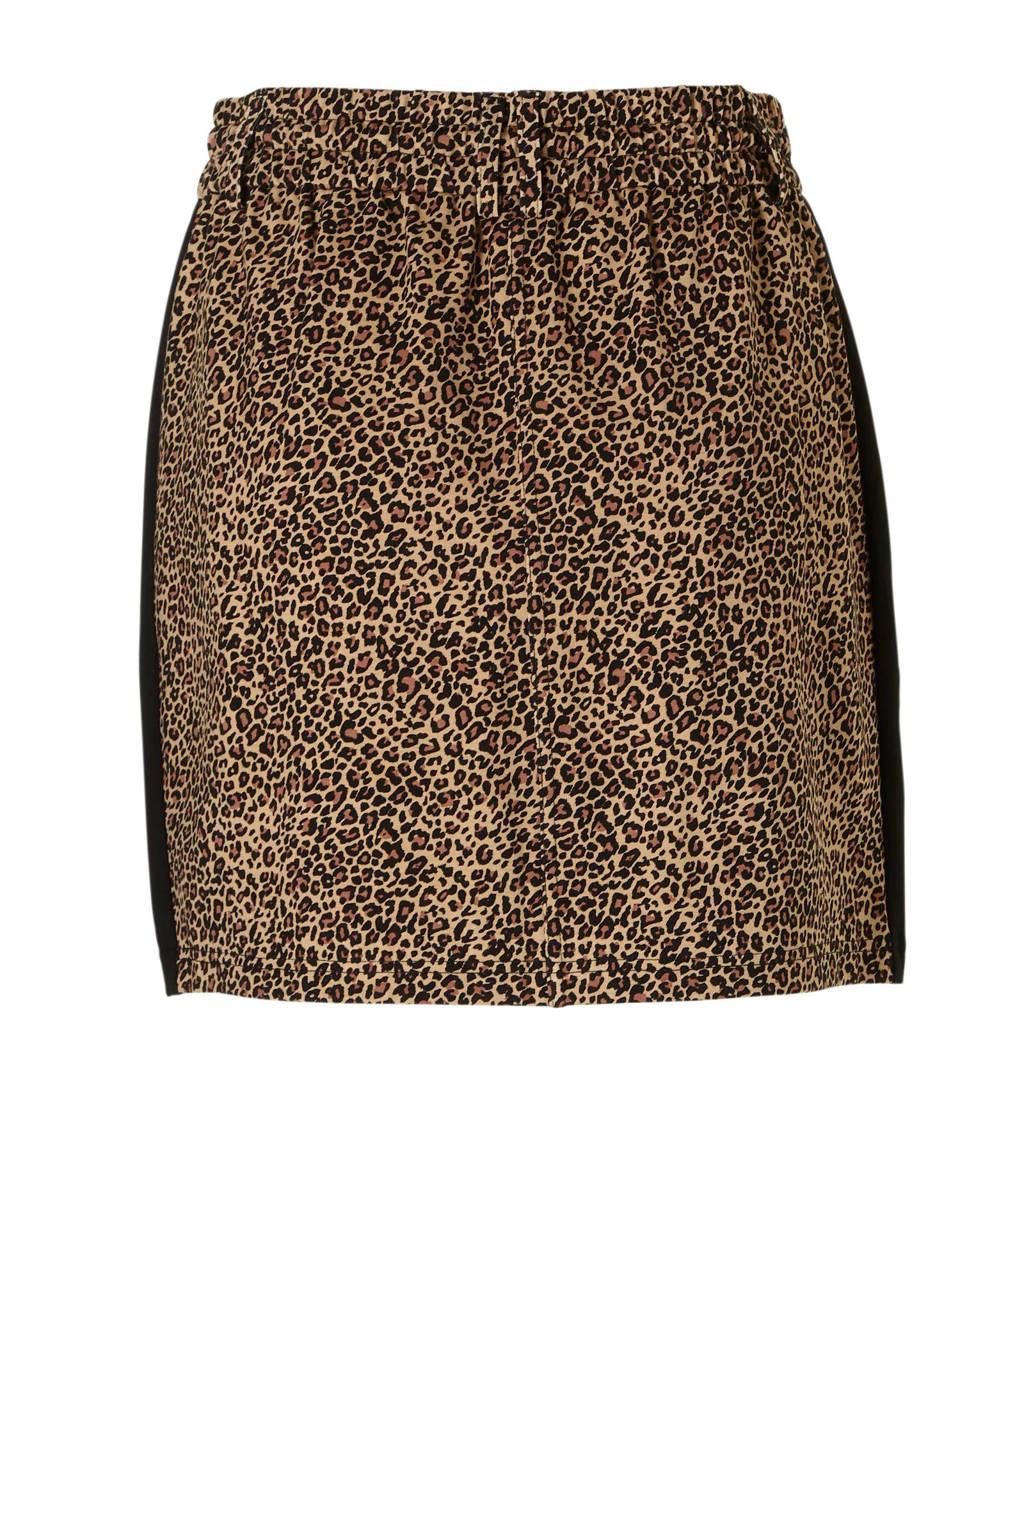 ONLY rok met panterprint en zij streep, Bruin/zwart